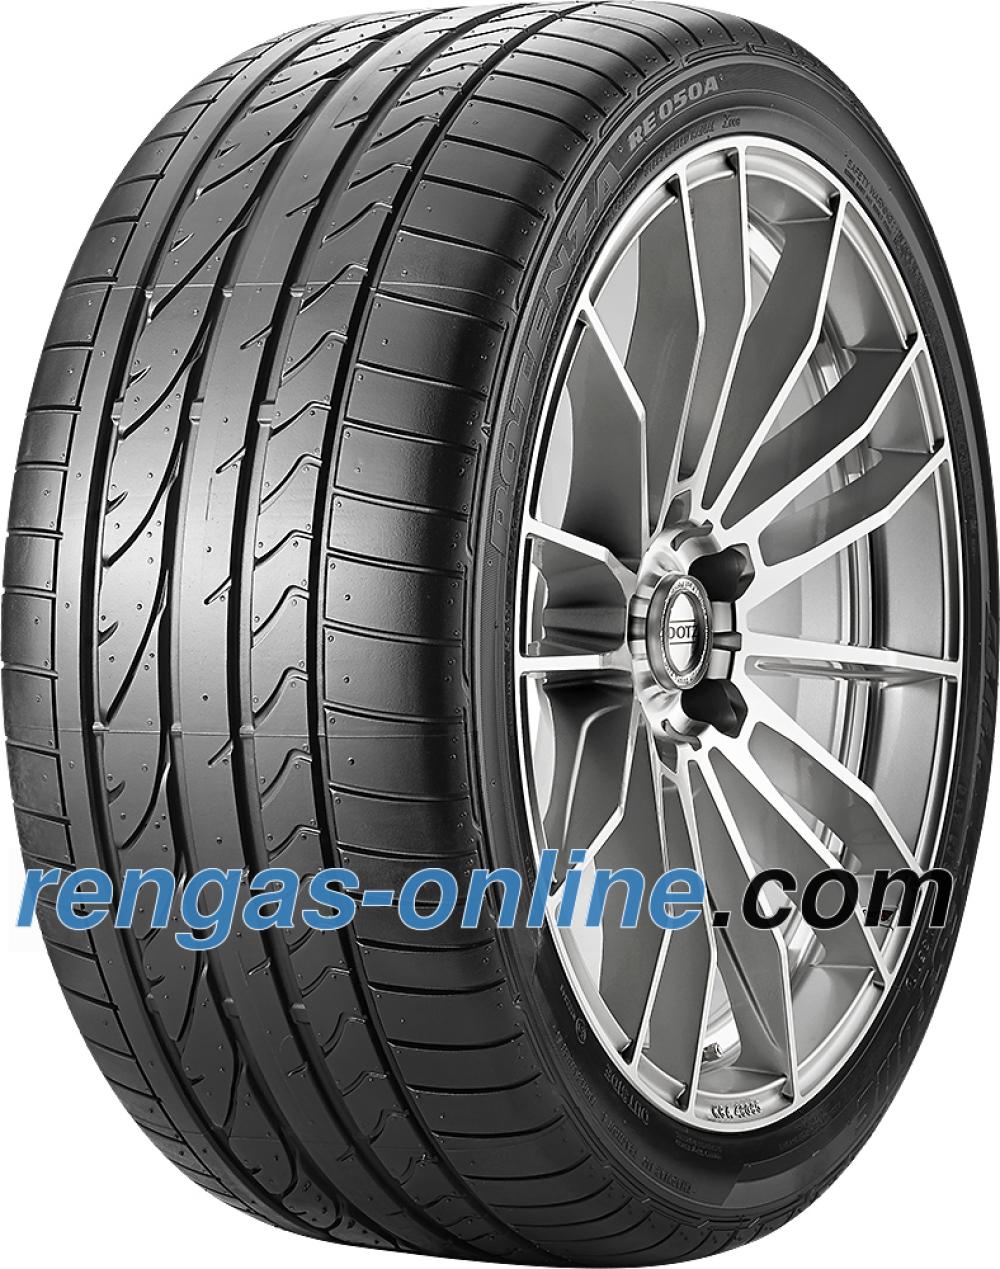 bridgestone-potenza-re-050-a-rft-27540-r18-99w-runflat-vannesuojalla-mfs